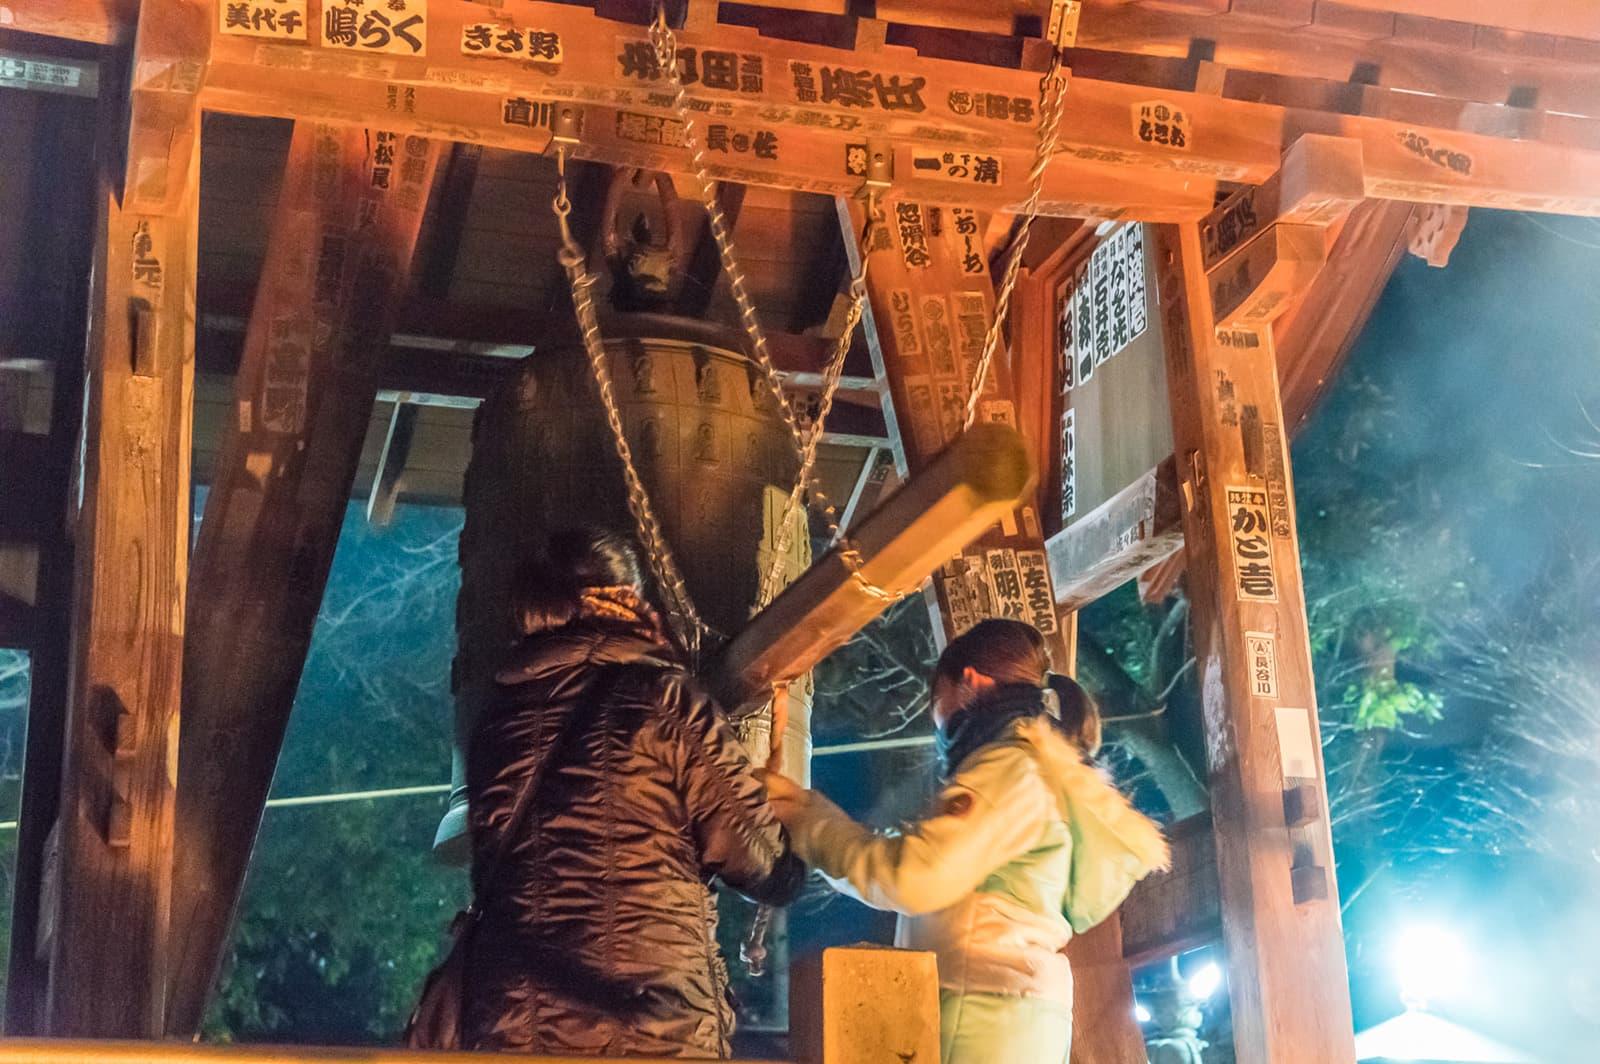 札所17番定林寺除夜の鐘